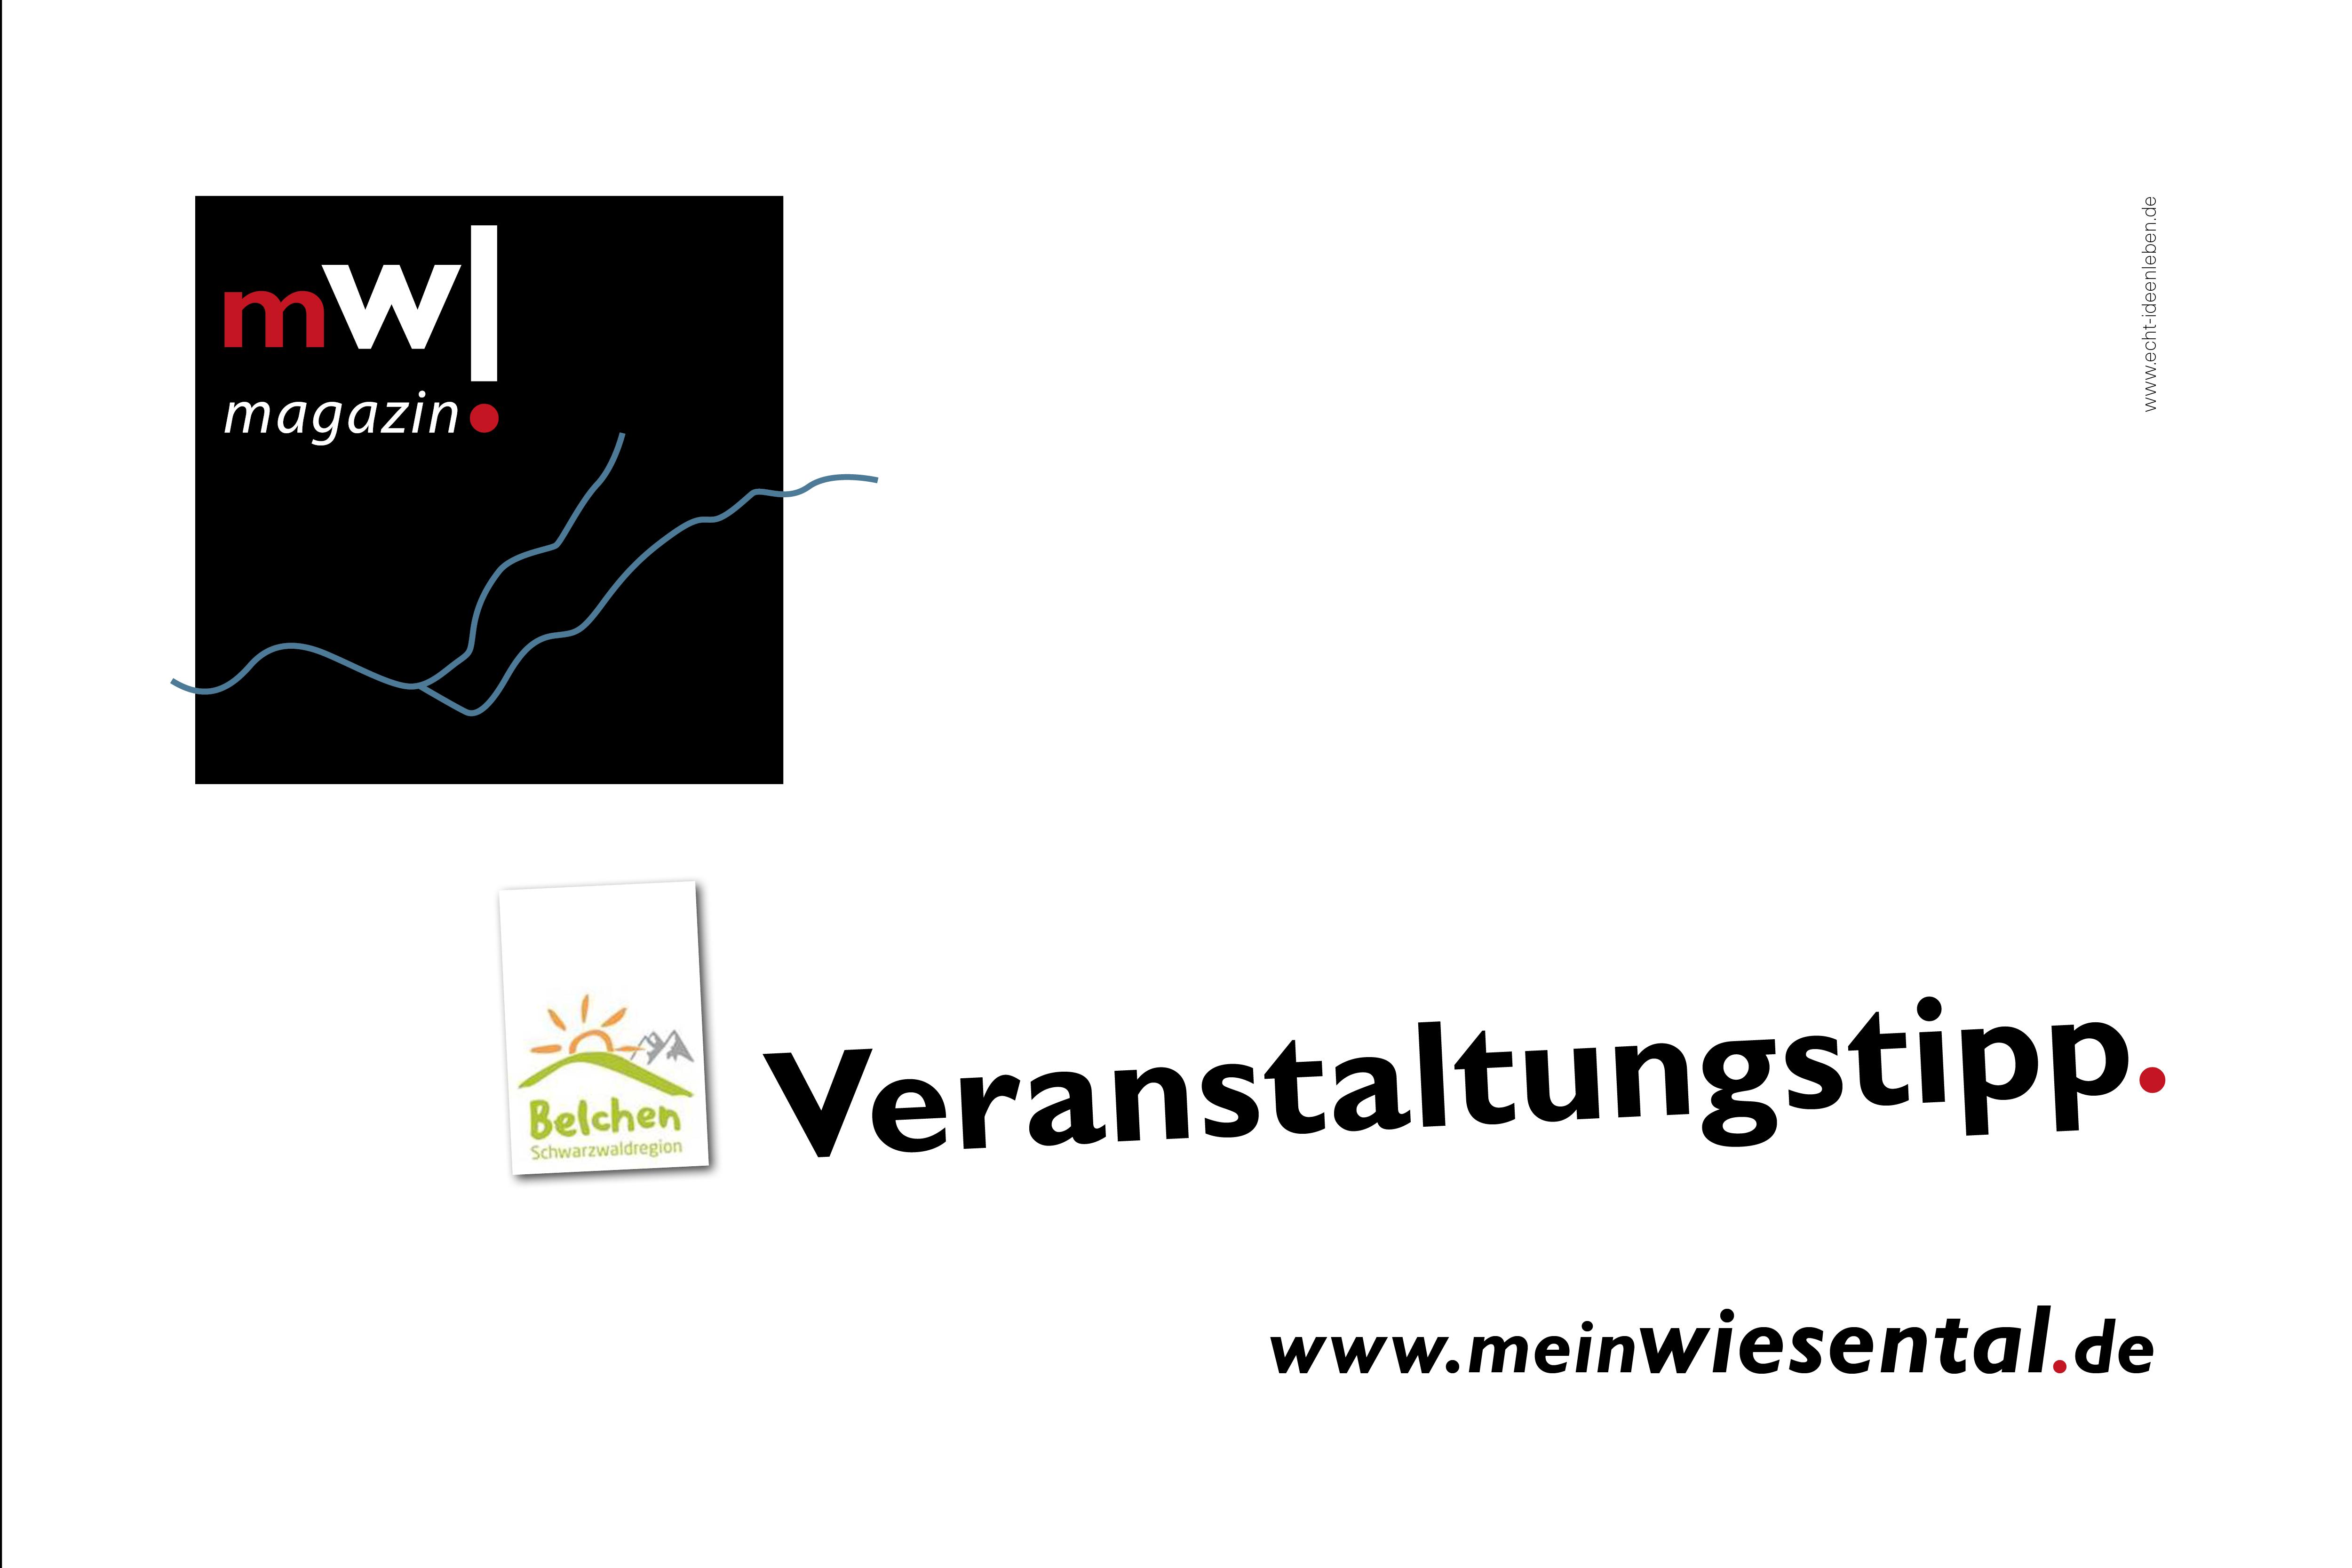 Veranstaltungstipp der Schwarzwaldregion Belchen - meinWiesental.de / Terminkalender